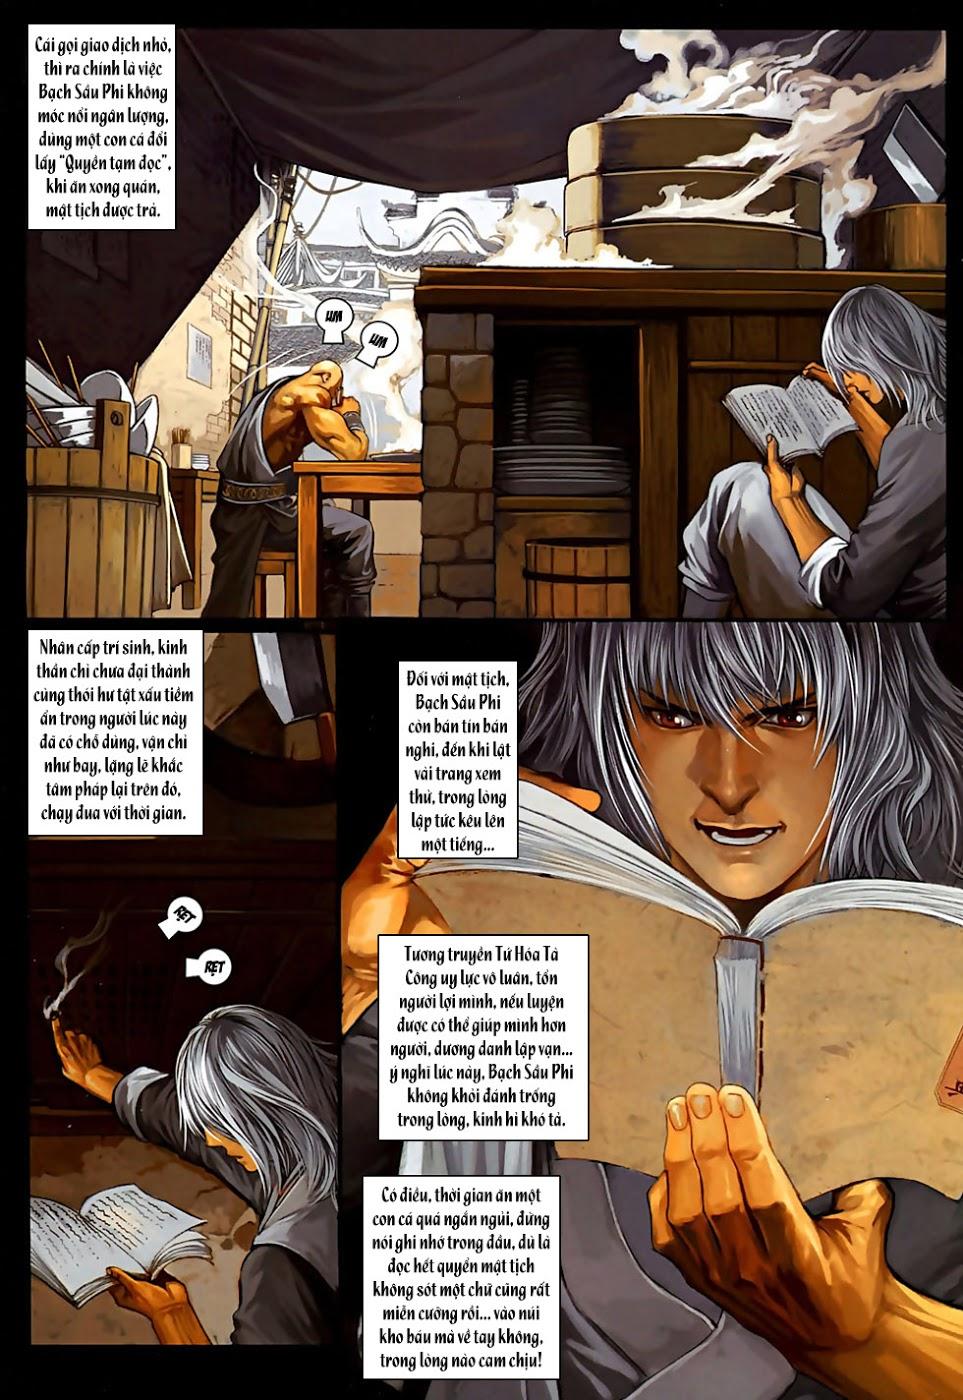 Ôn Thuỵ An Quần Hiệp Truyện Phần 2 chapter 30 trang 8